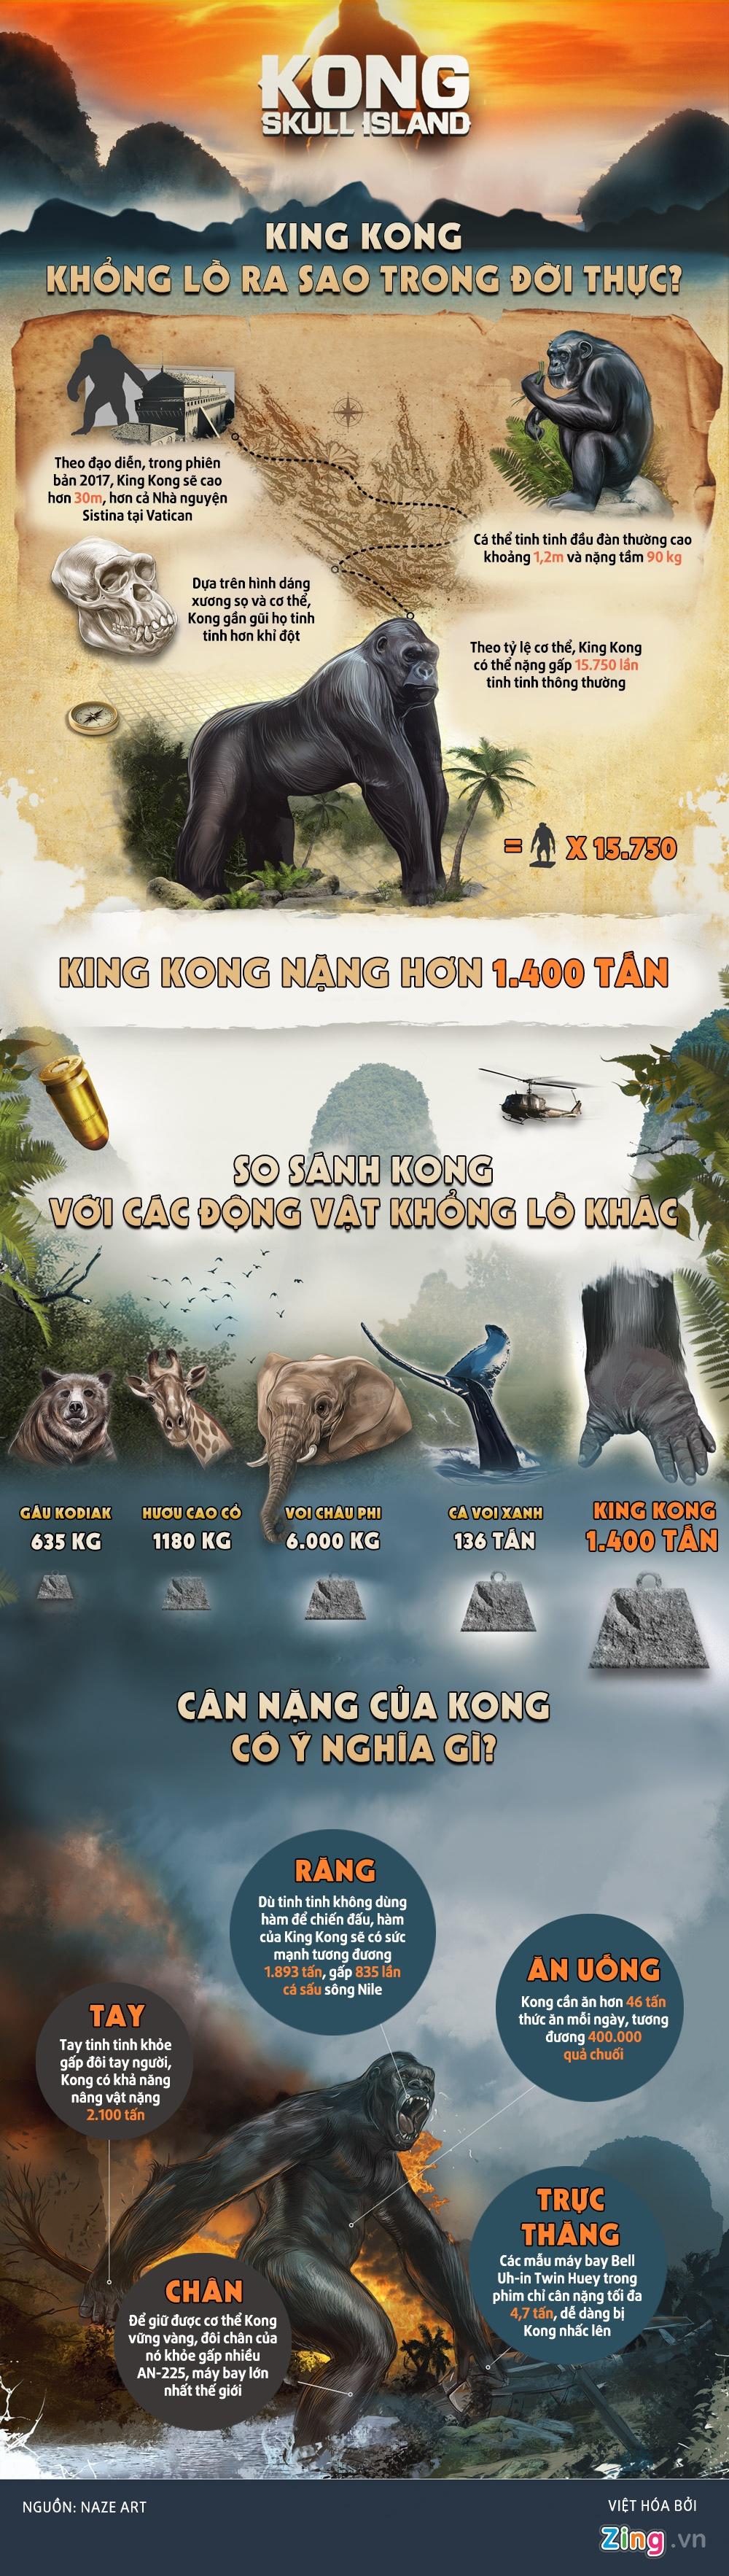 'Kong: Skull Island': Kong to lon toi muc nao o ngoai doi that hinh anh 1